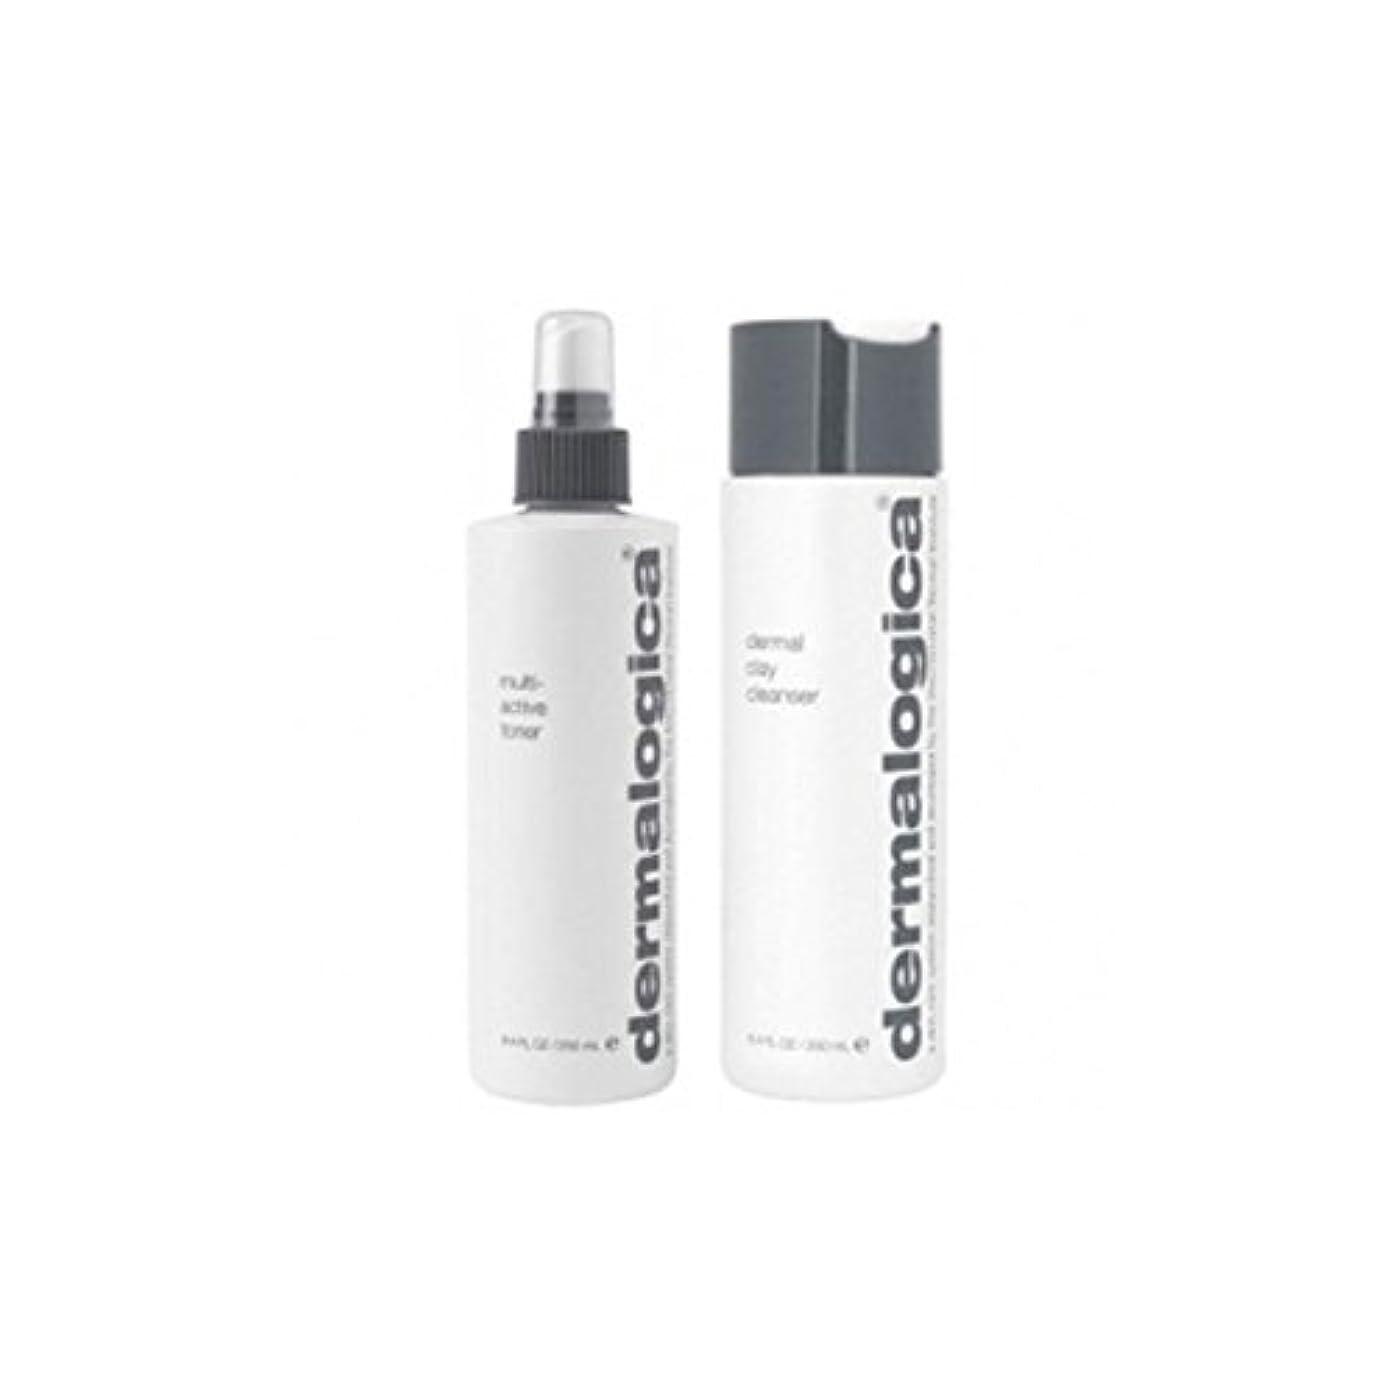 負荷スプリット研究所ダーマロジカクレンジング&トーンデュオ - 脂性肌(2製品) x2 - Dermalogica Cleanse & Tone Duo - Oily Skin (2 Products) (Pack of 2) [並行輸入品]